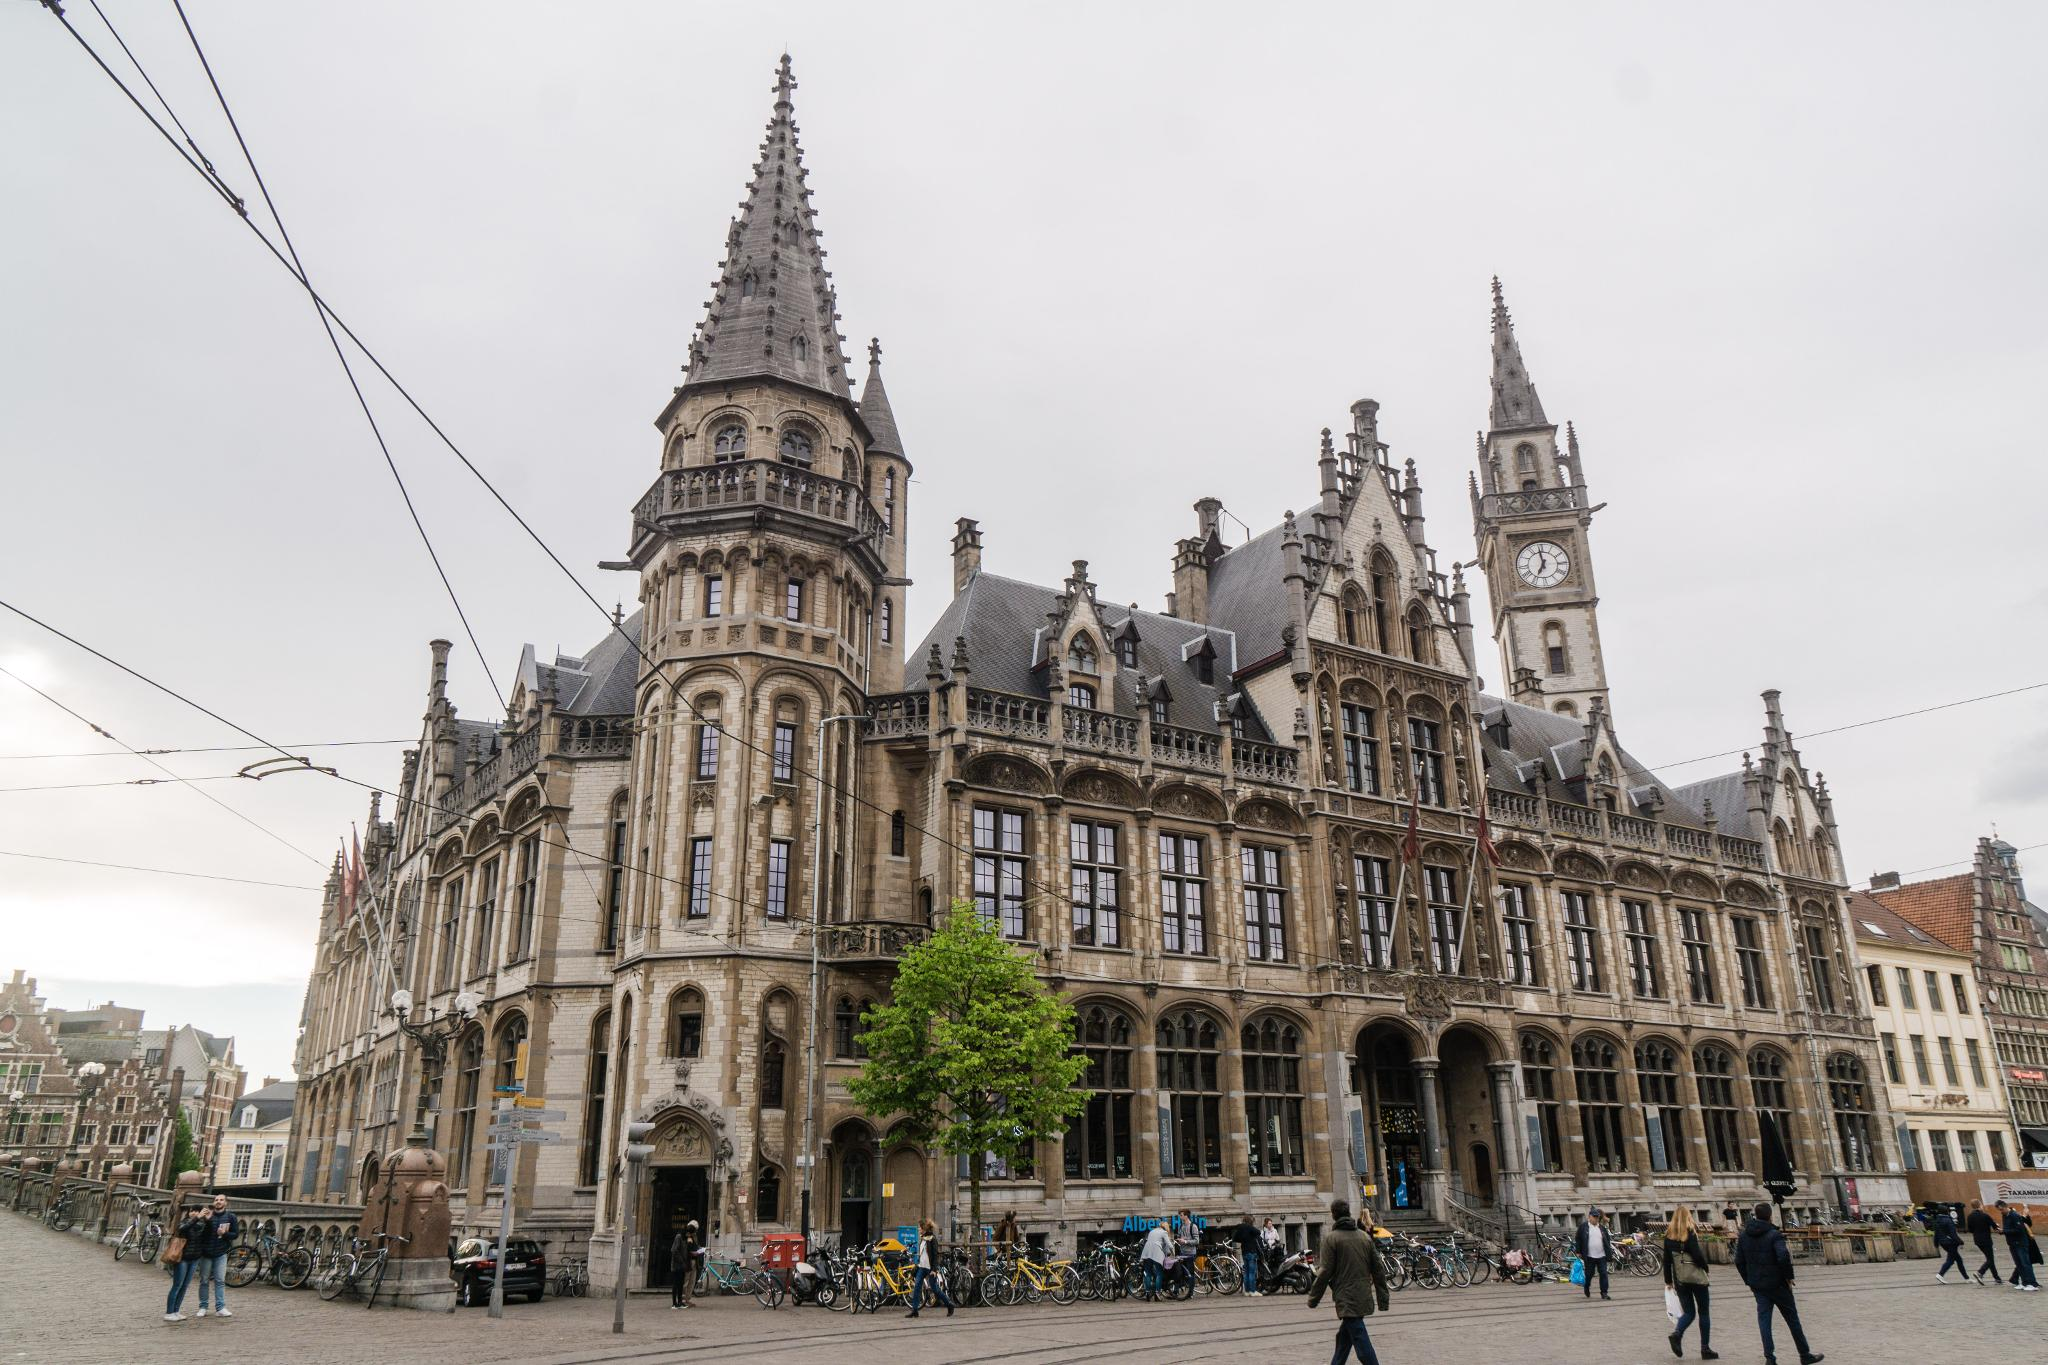 【比利時】穿梭中世紀的大城小事 — 比利時根特 (Ghent) 散步景點總整理 106